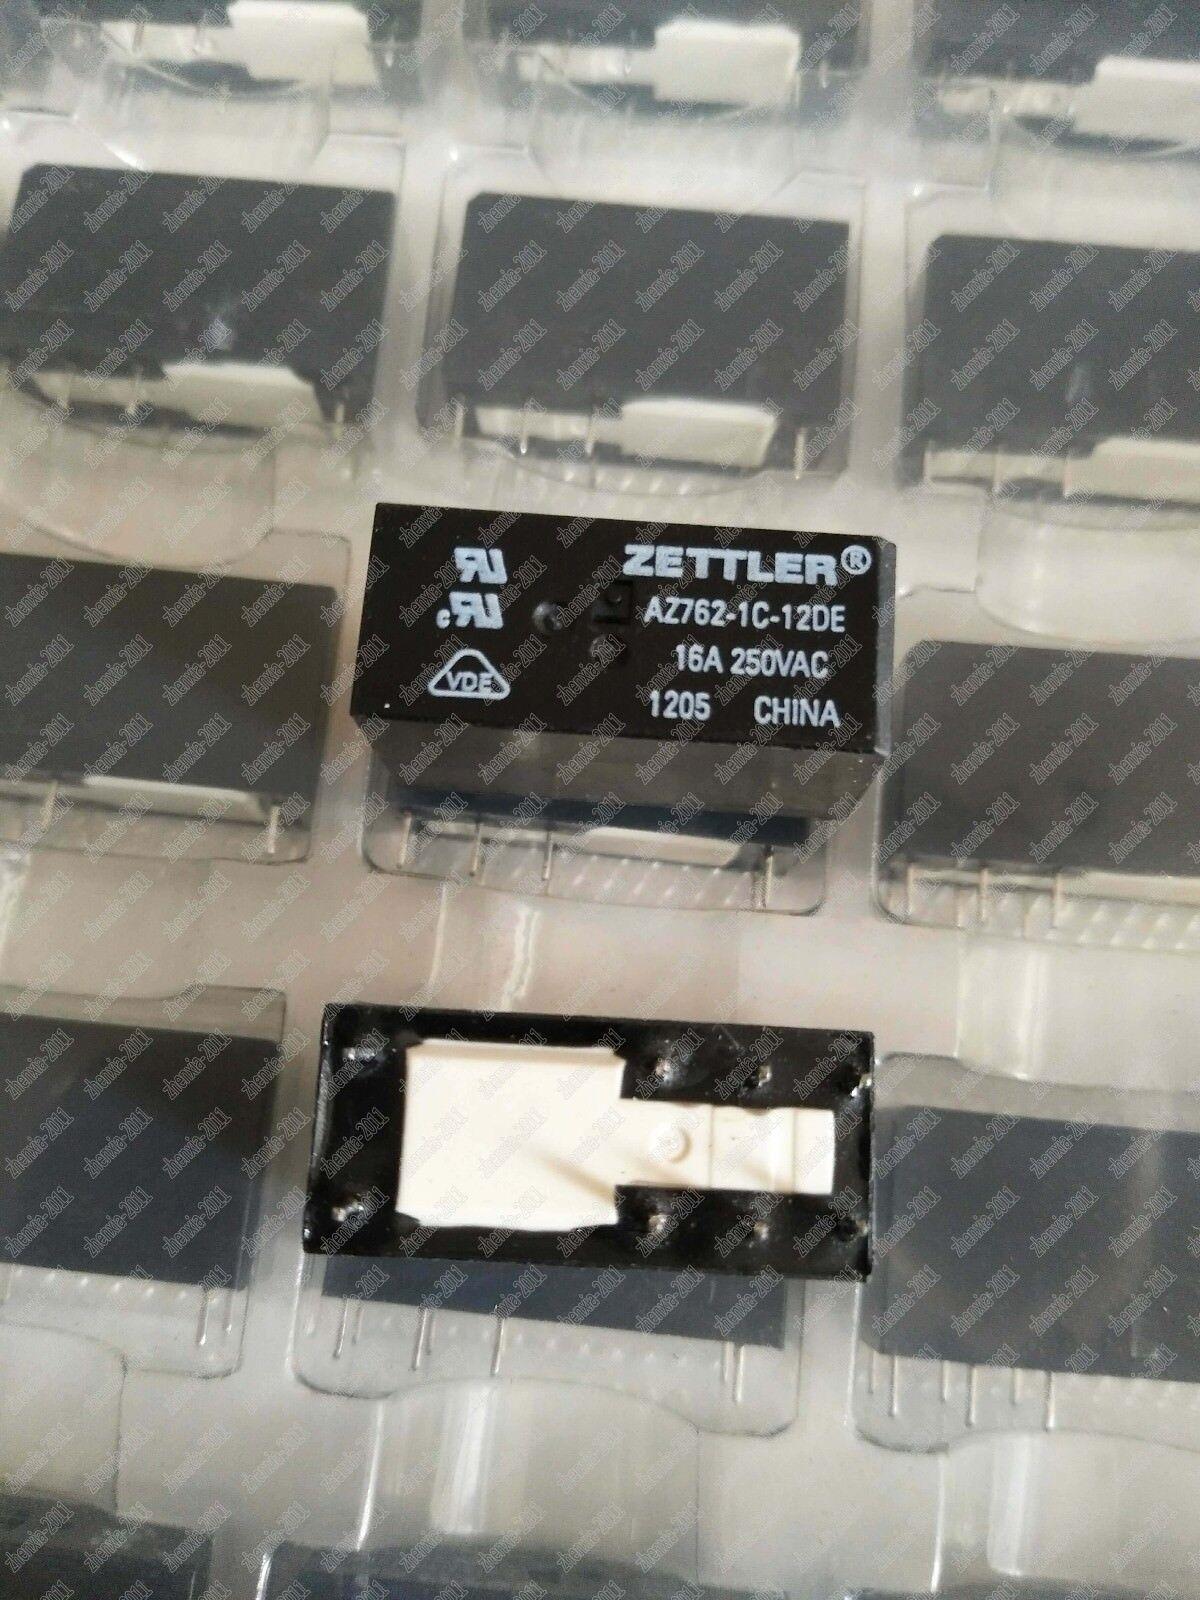 BRAND NEW AZ7621C12DE AMERICAN ZETTLER AZ762-1C-12DE